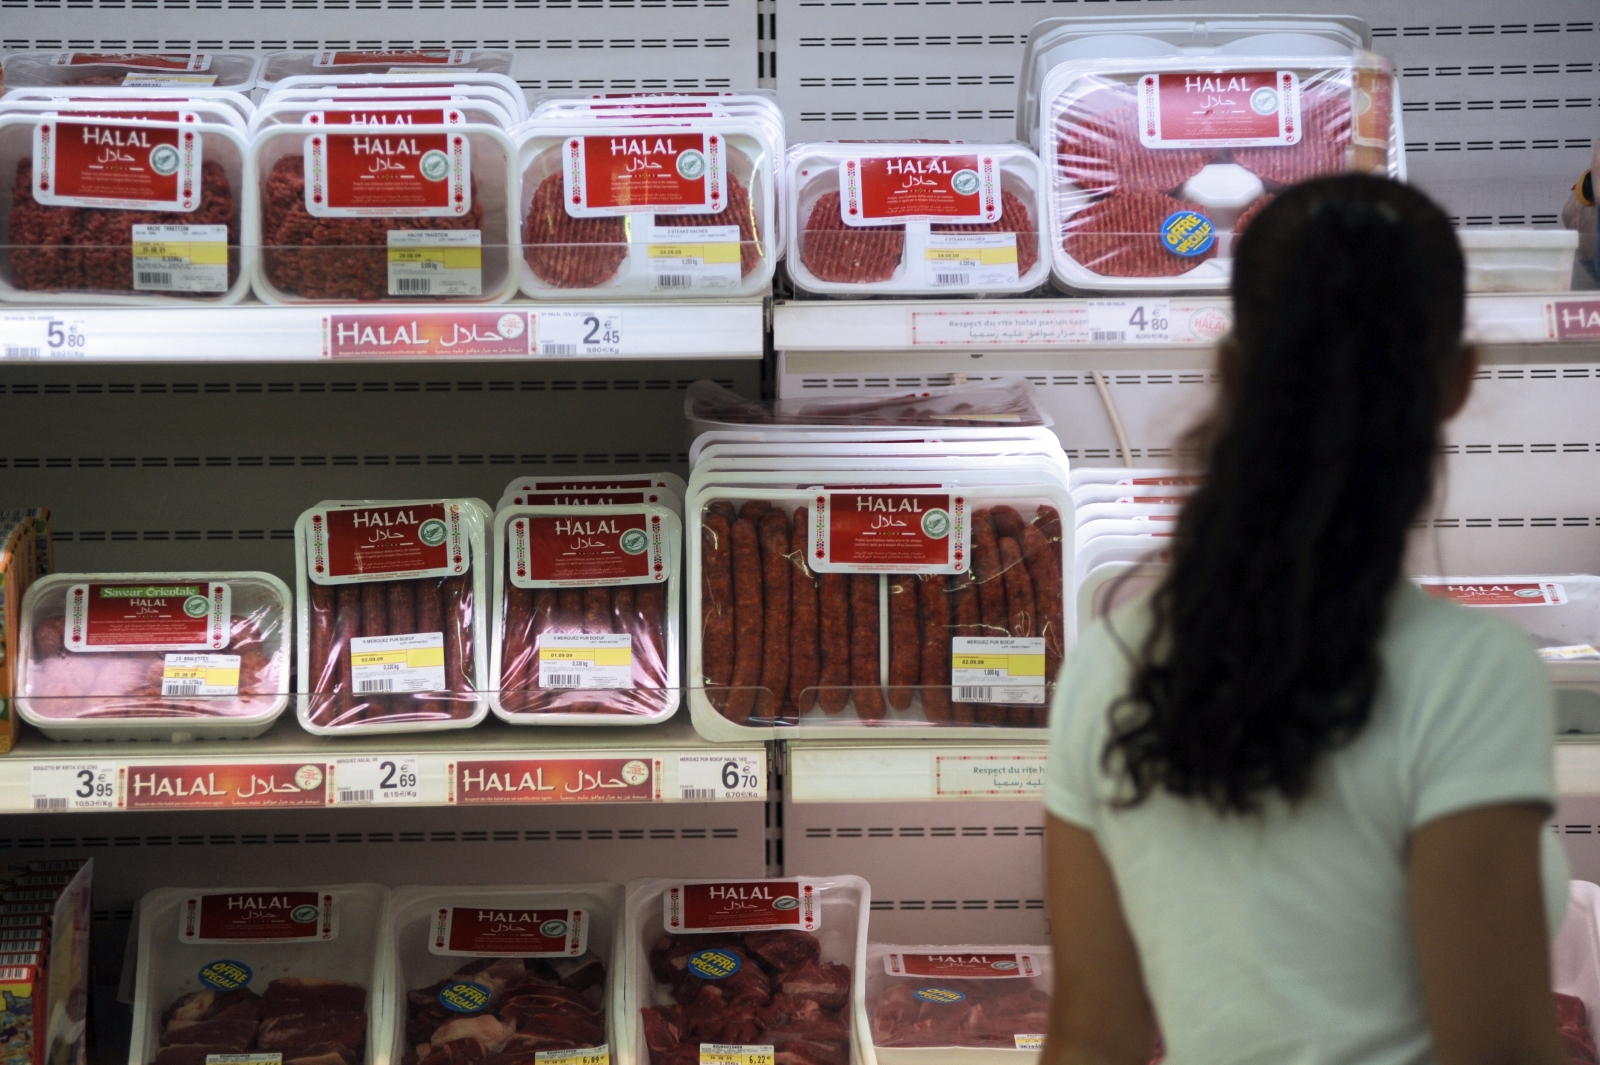 halal meat